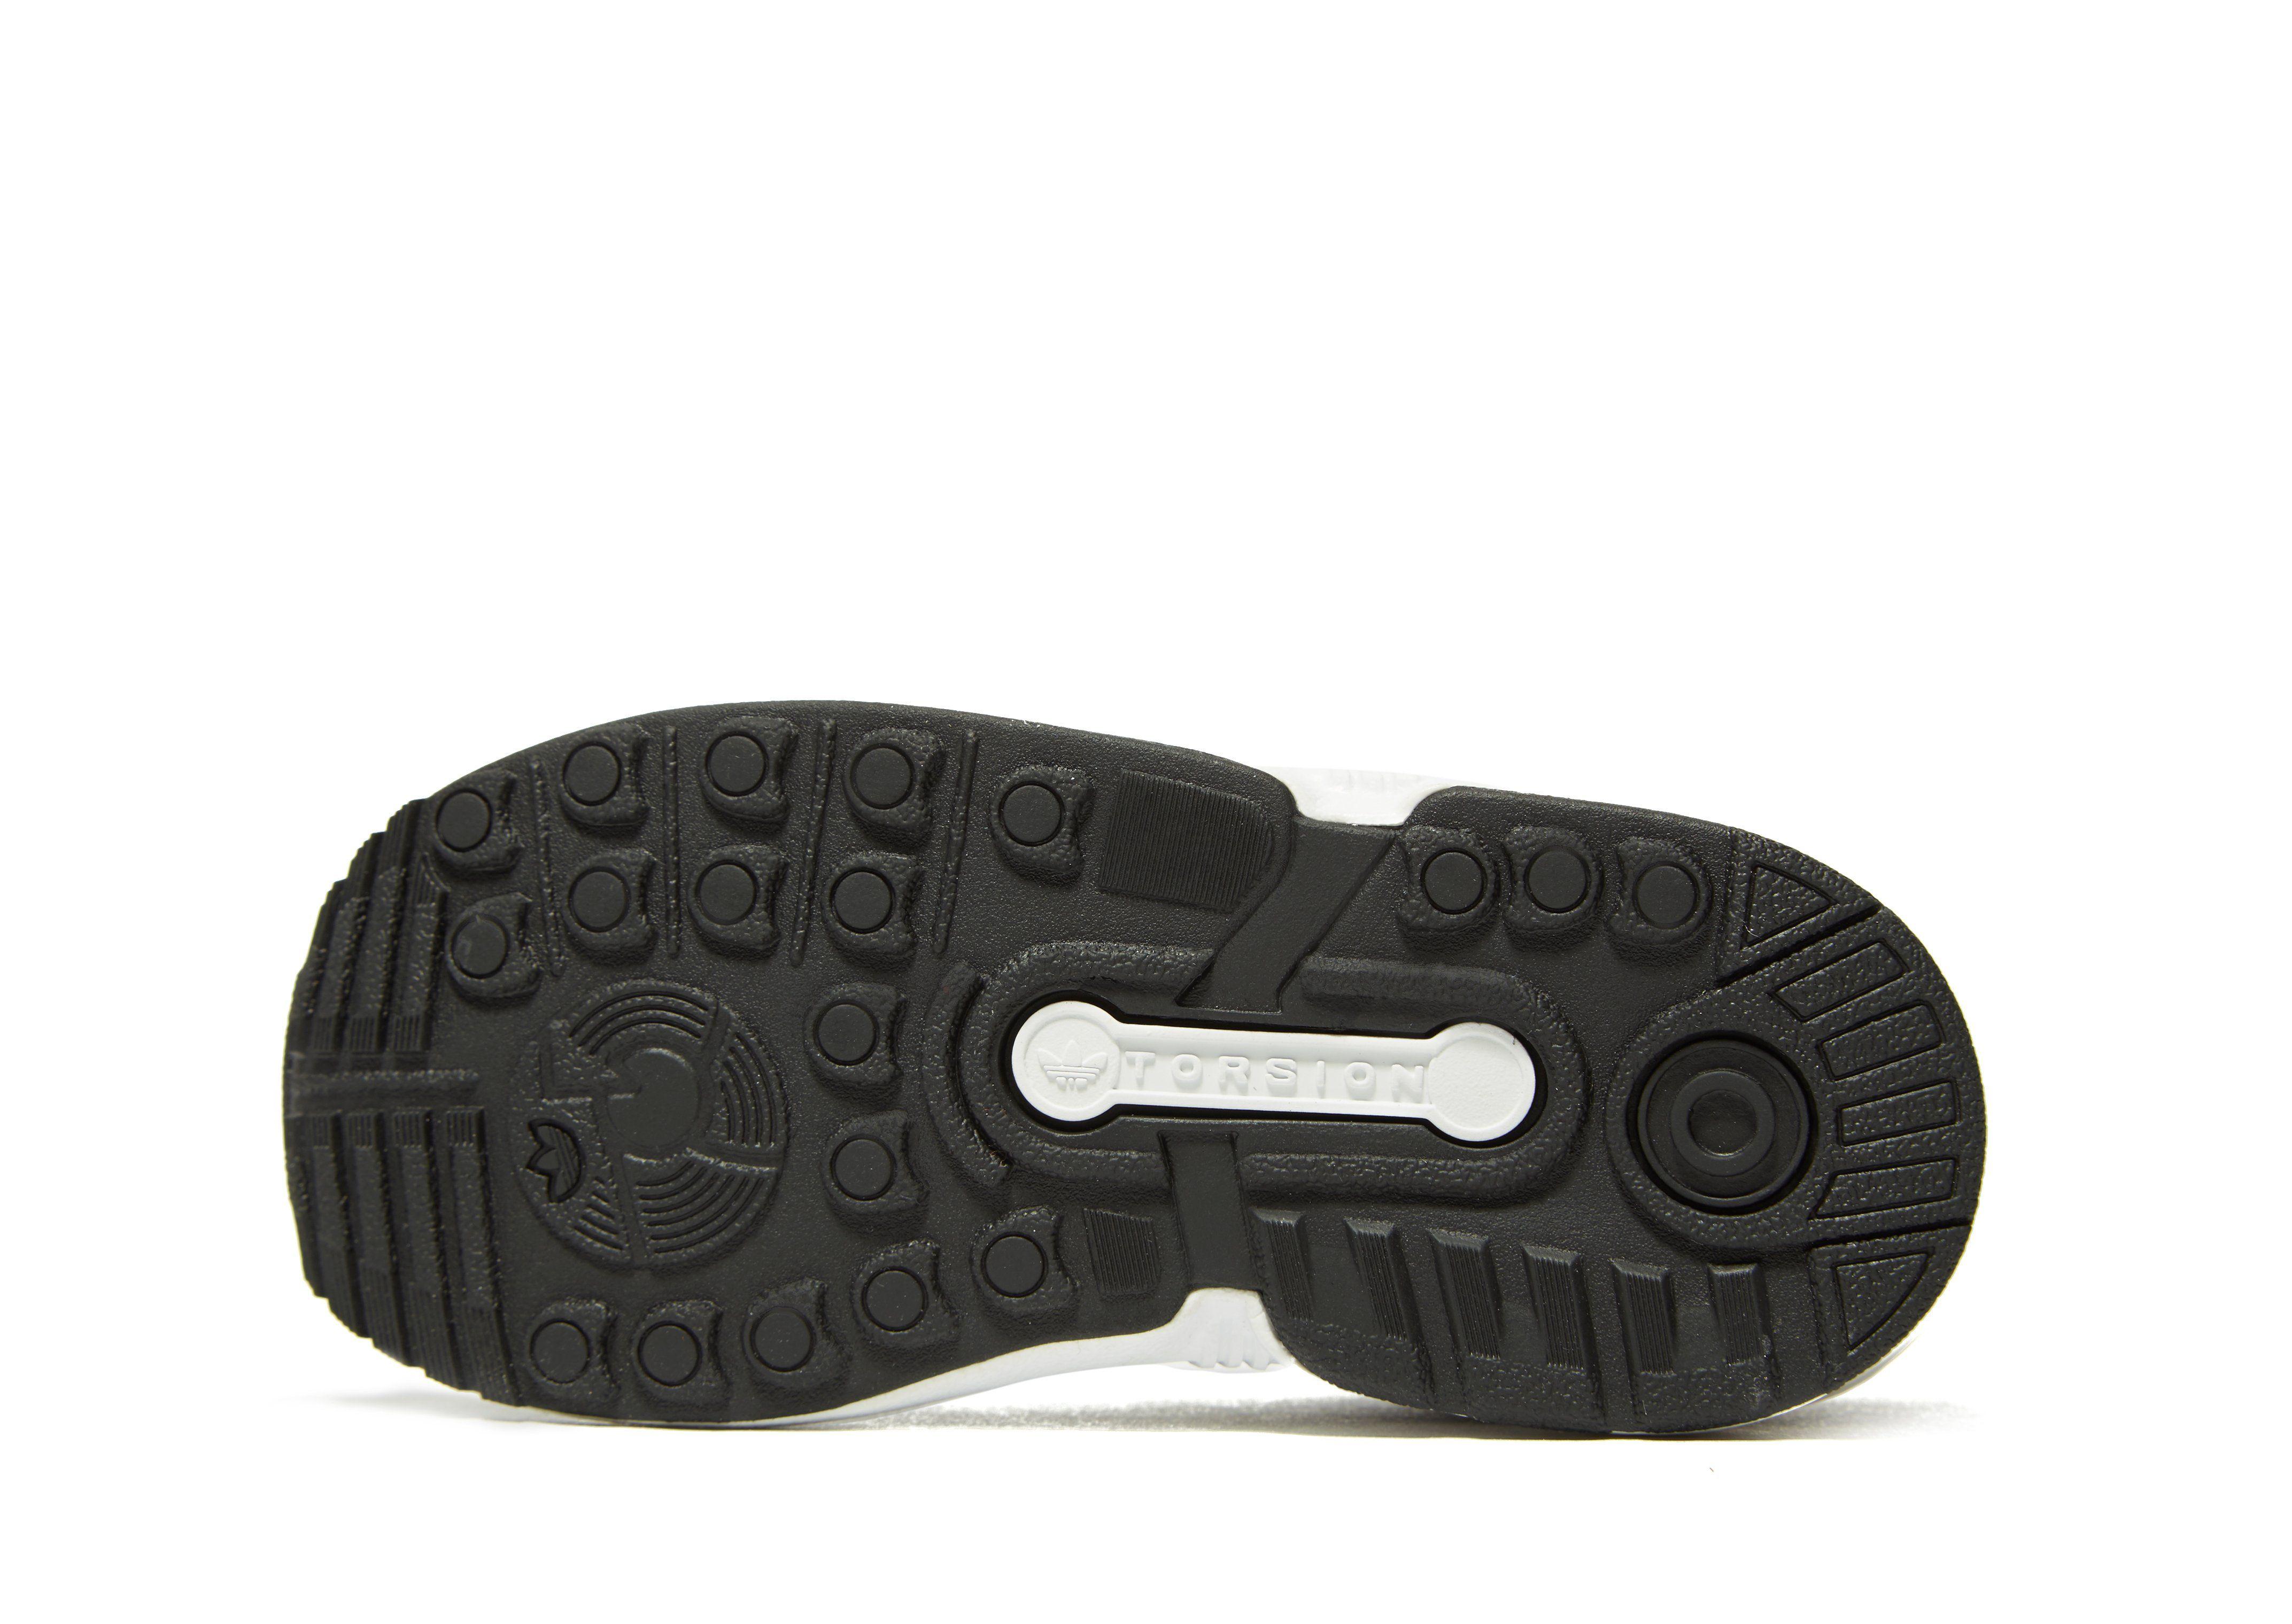 Spielraum Footaction adidas Originals ZX Flux Infant Grün Freies Verschiffen Neue Stile 6sqgGSSh